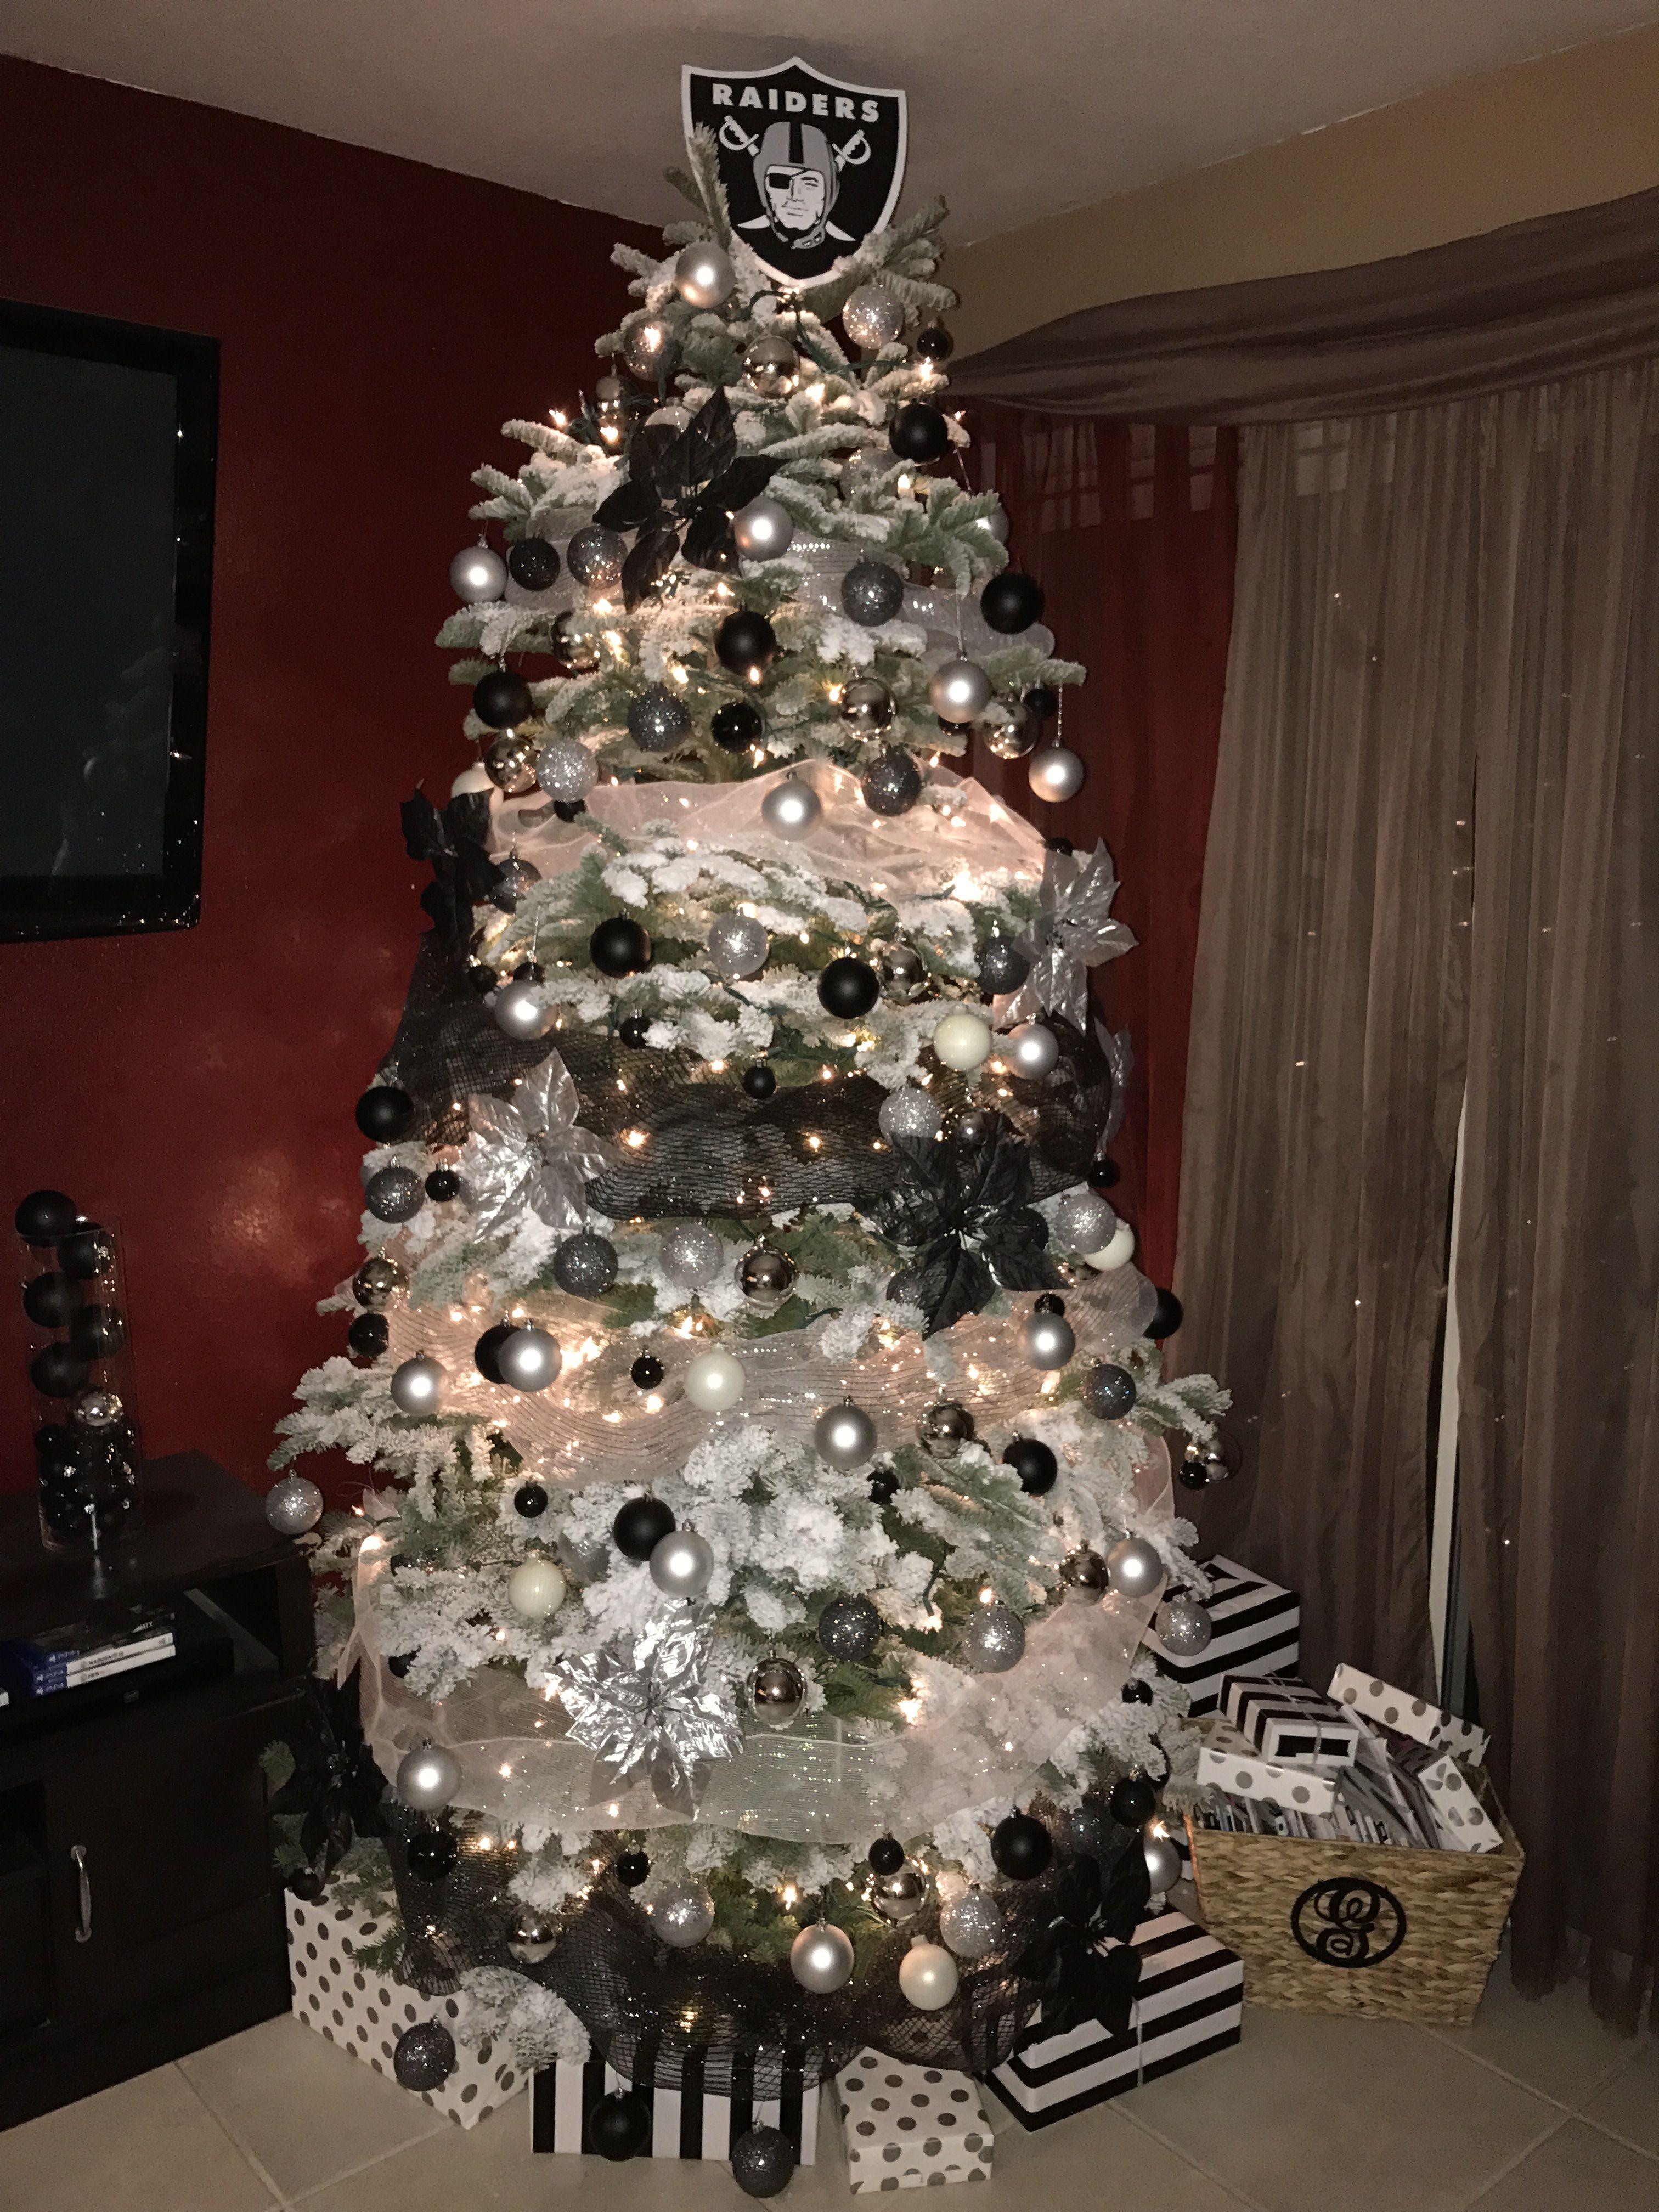 45c70771 Raiders Christmas tree | raiders | Oakland raiders football, Raiders ...